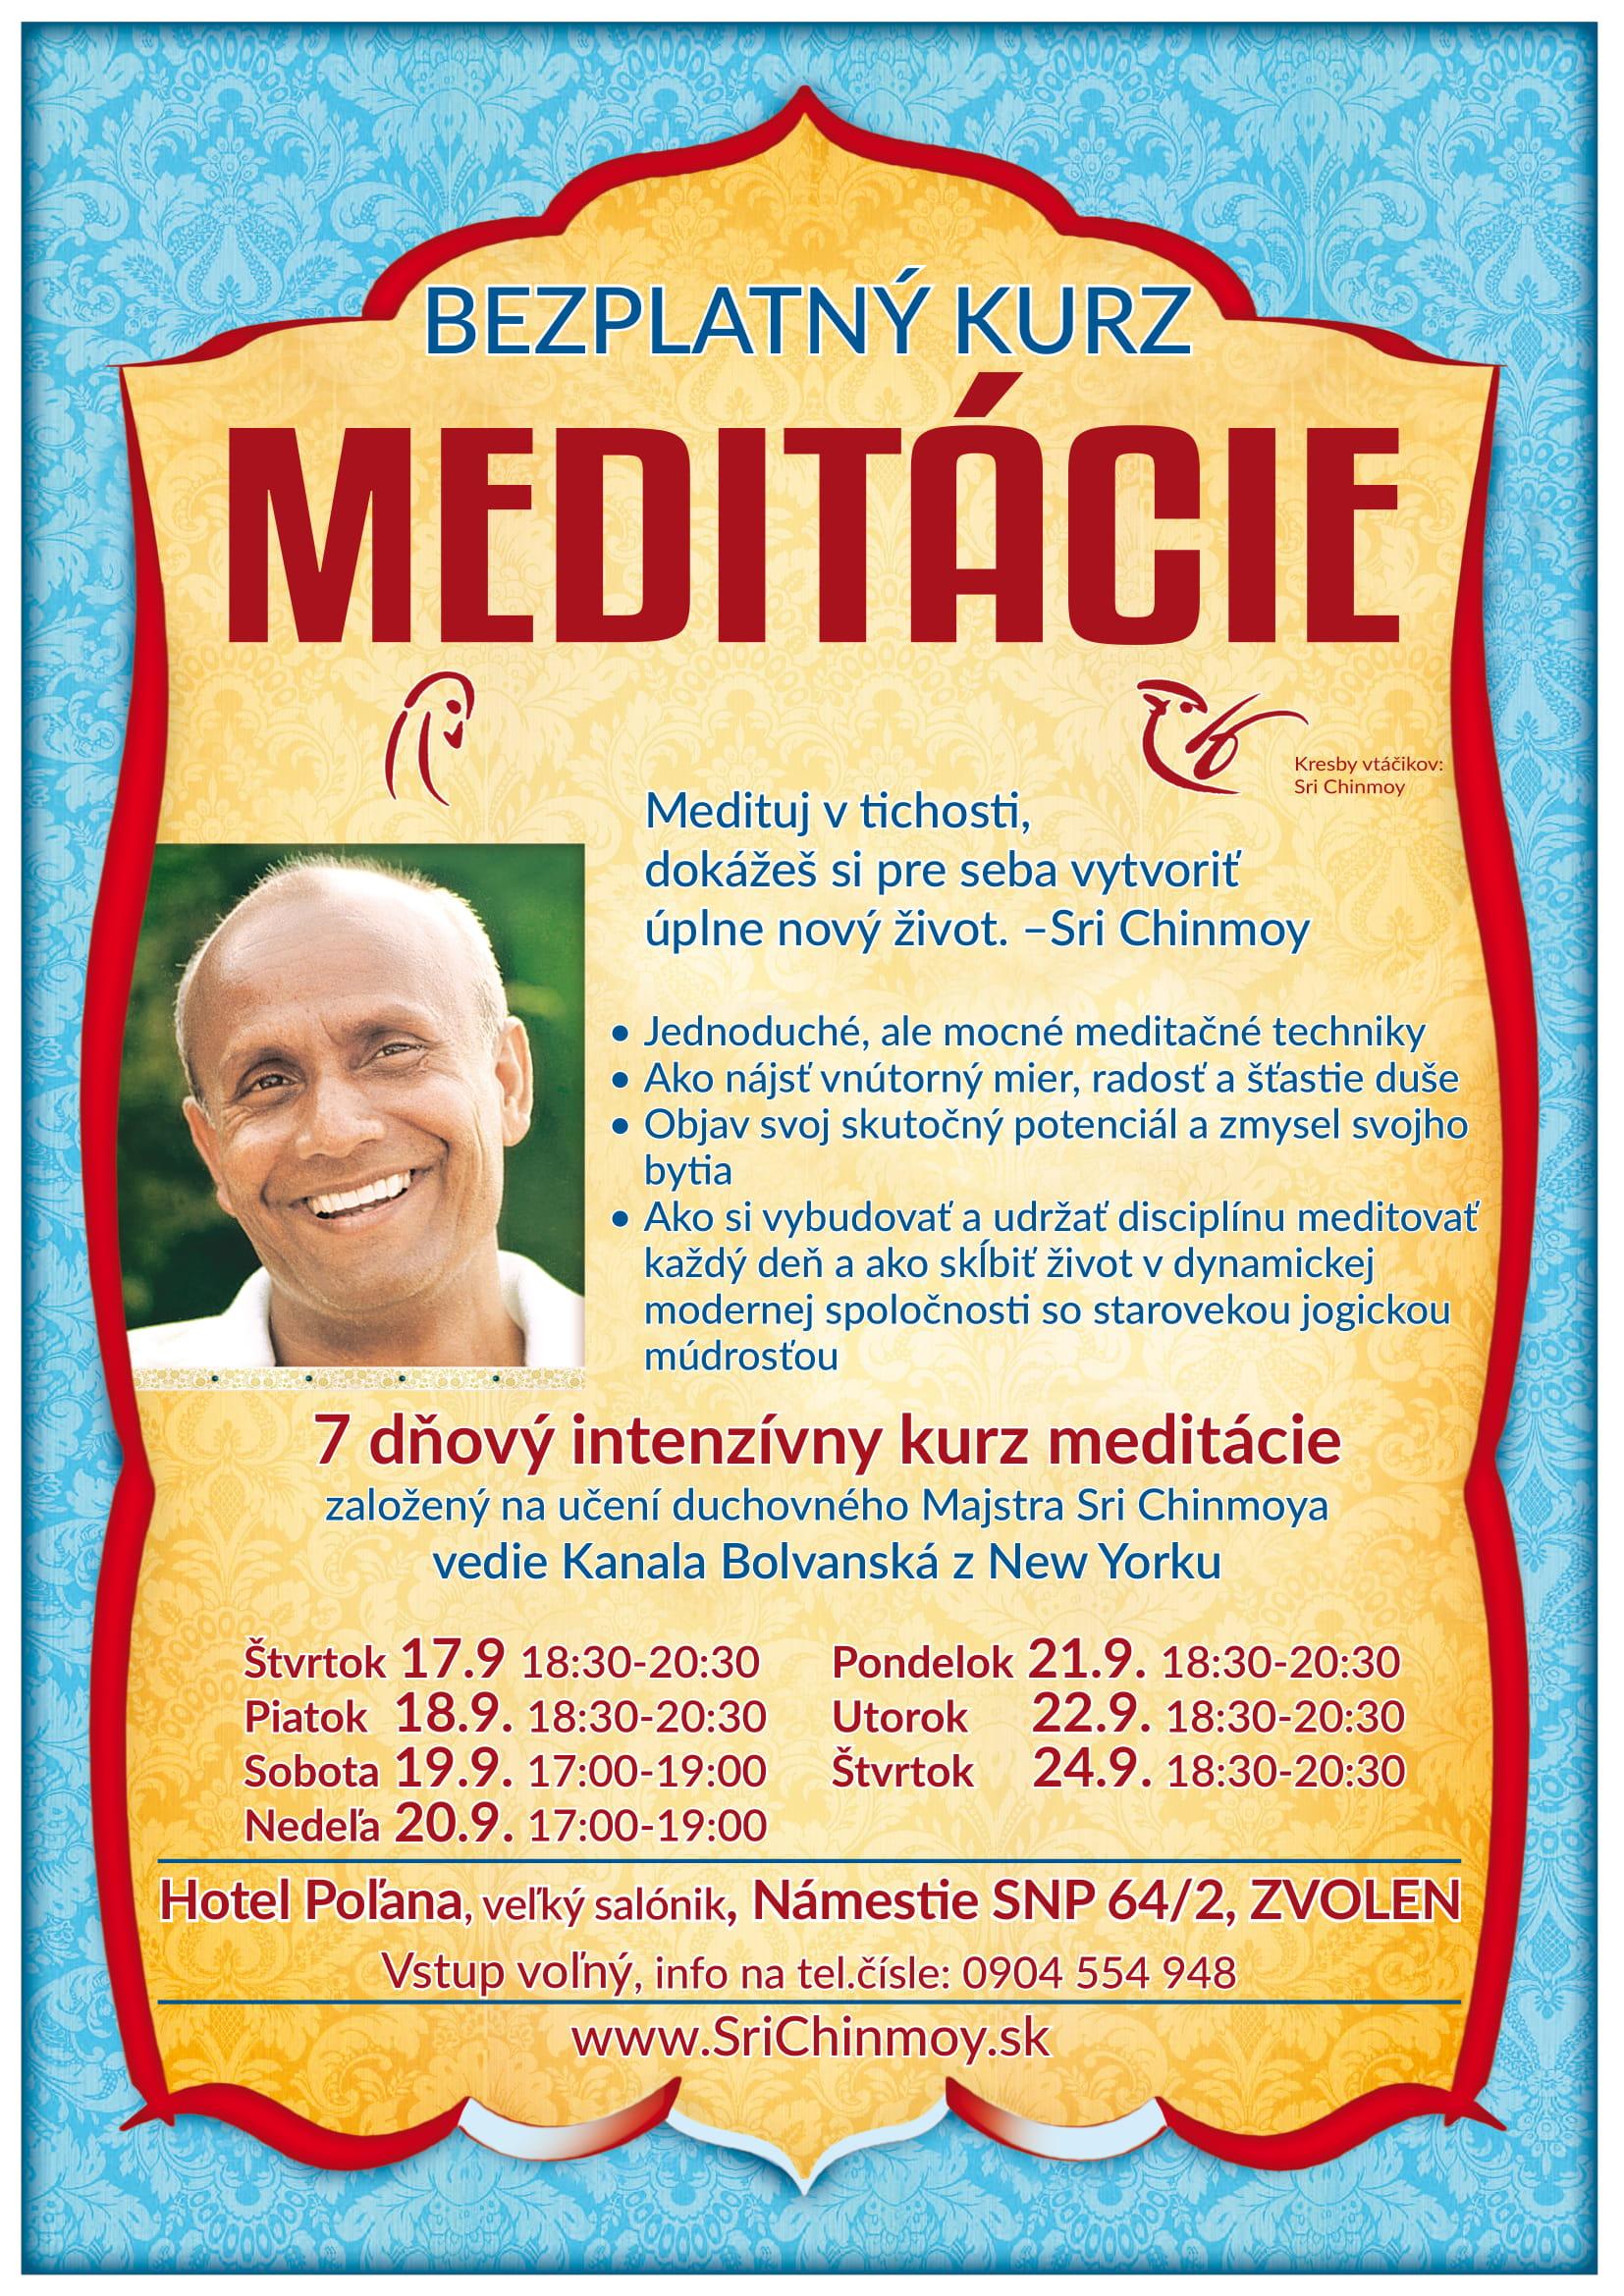 7 dňový intenzívny kurz meditácie vo Zvolene